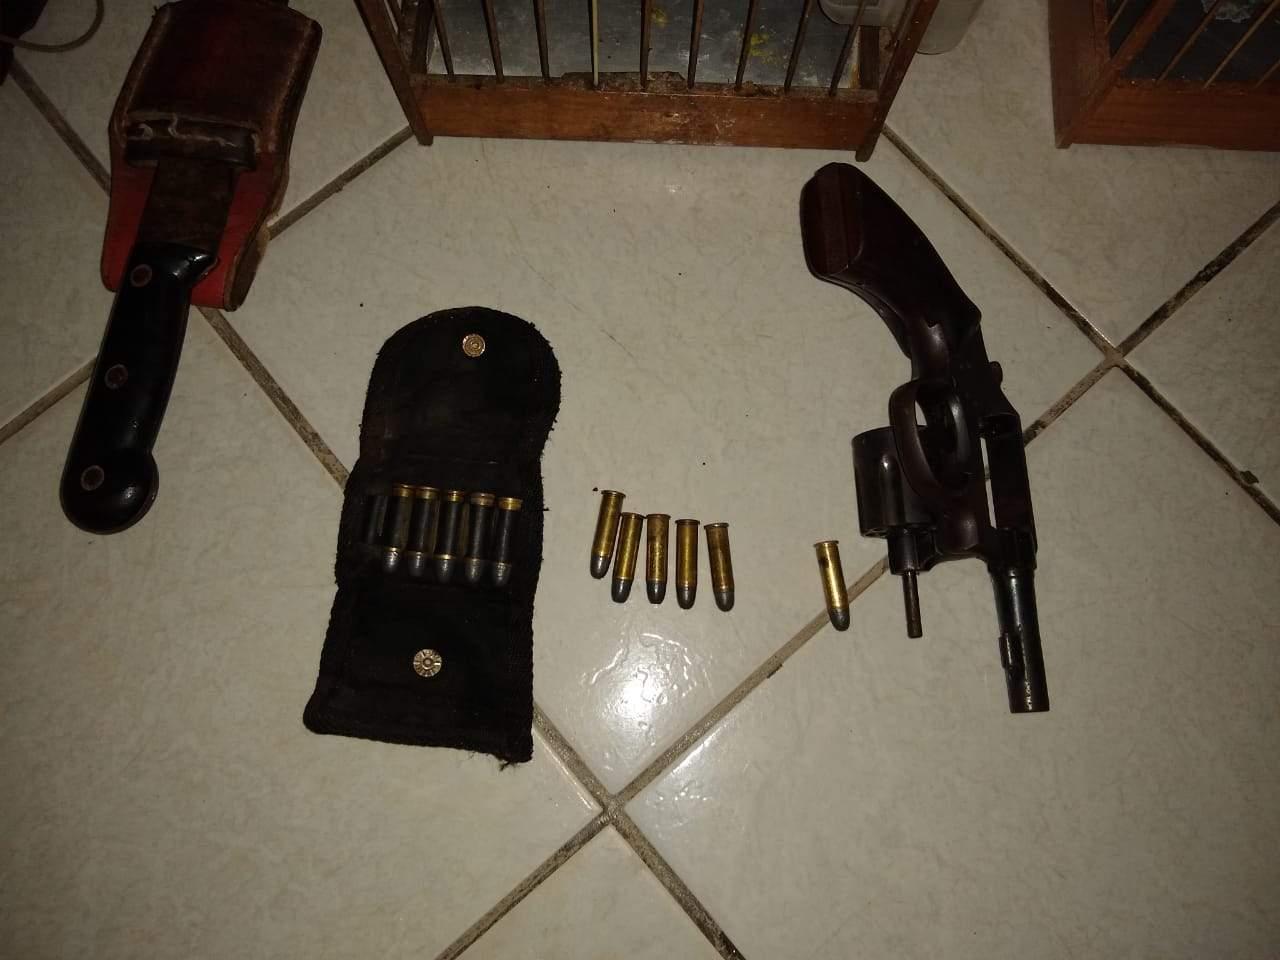 7ec35ac0 4916 0137 b22b 6231c35b6685  minified - Megaoperação da Polícia Civil prende 55 pessoas no Espírito Santo